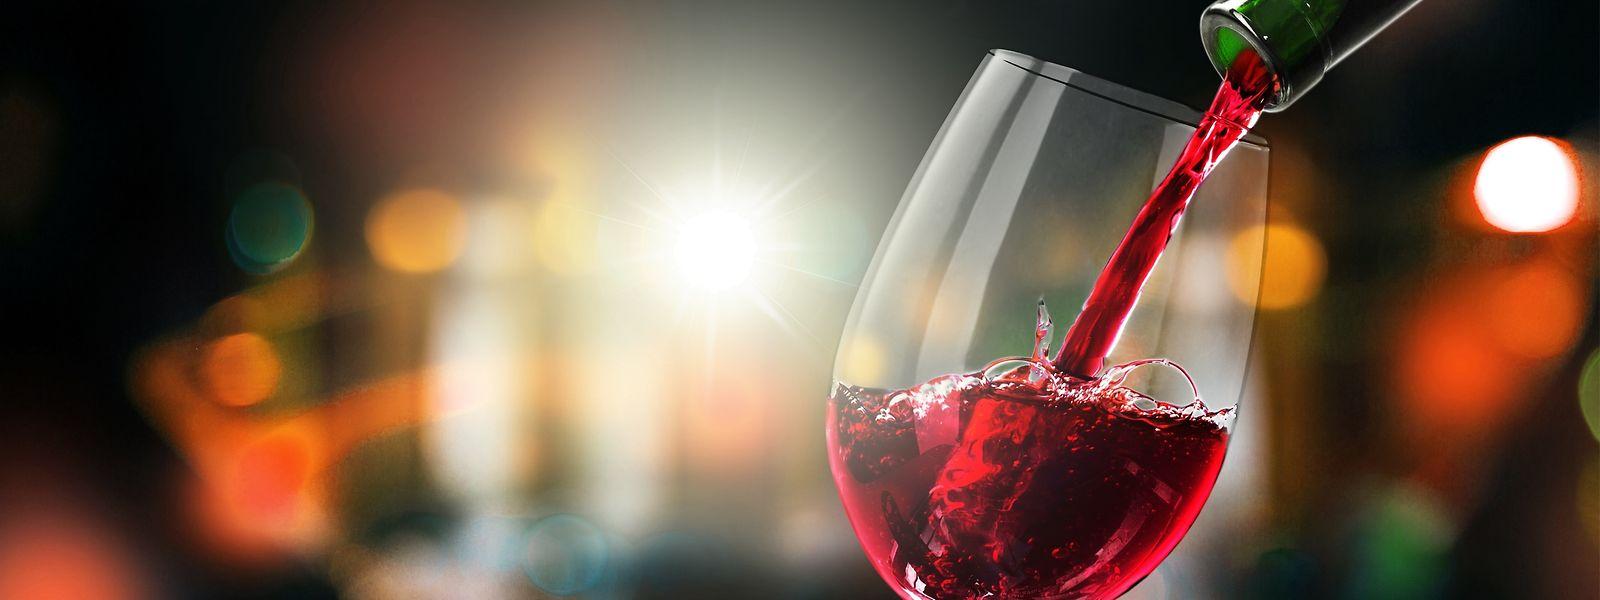 Statt eines edlen Tropfens wurde einer älteren Frau billiger Wein geliefert. Dennoch forderten die Betrüger sie auf, mehrere Zehntausend Euro zu zahlen.